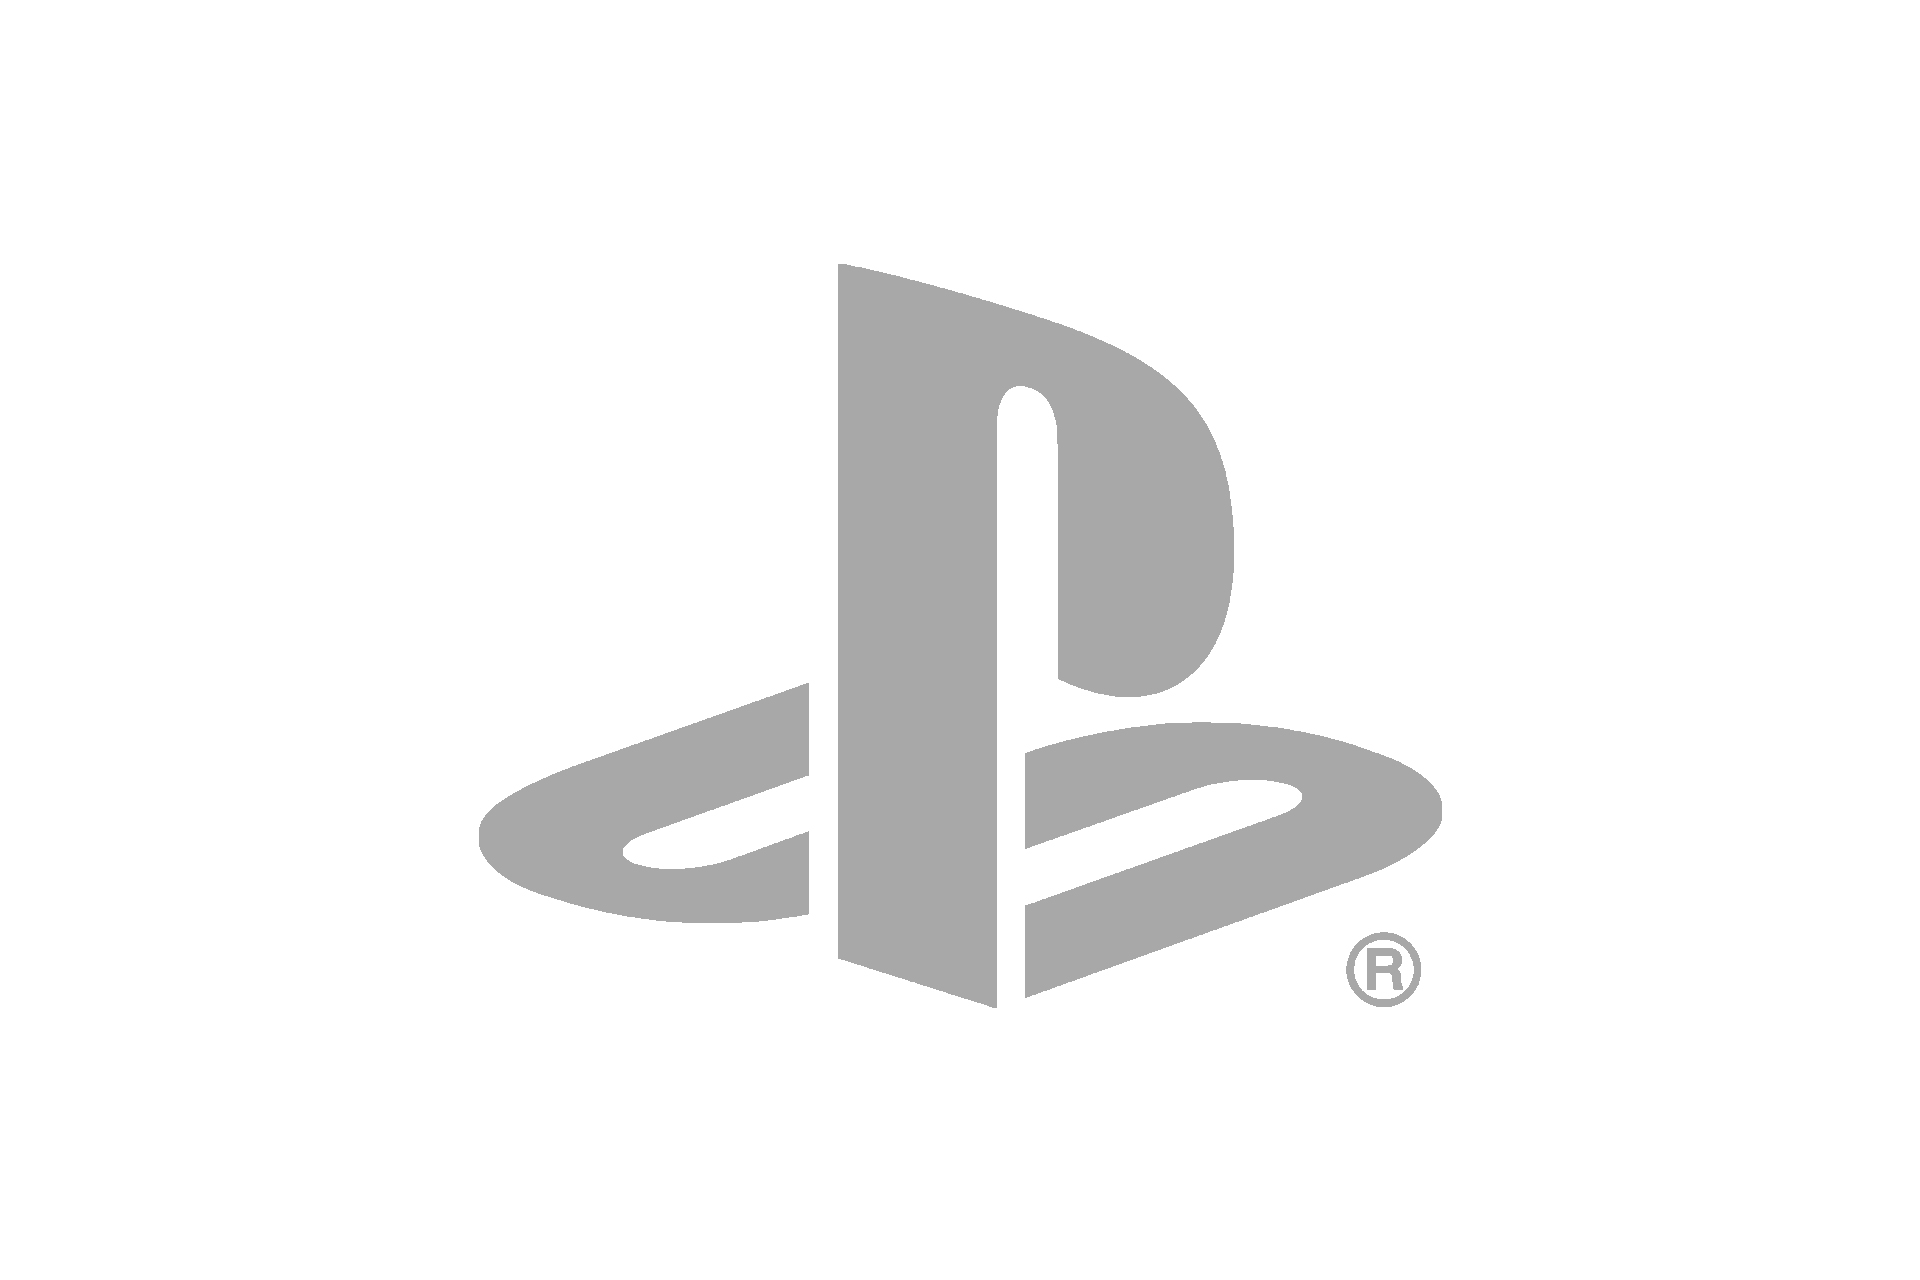 playstation logo grey